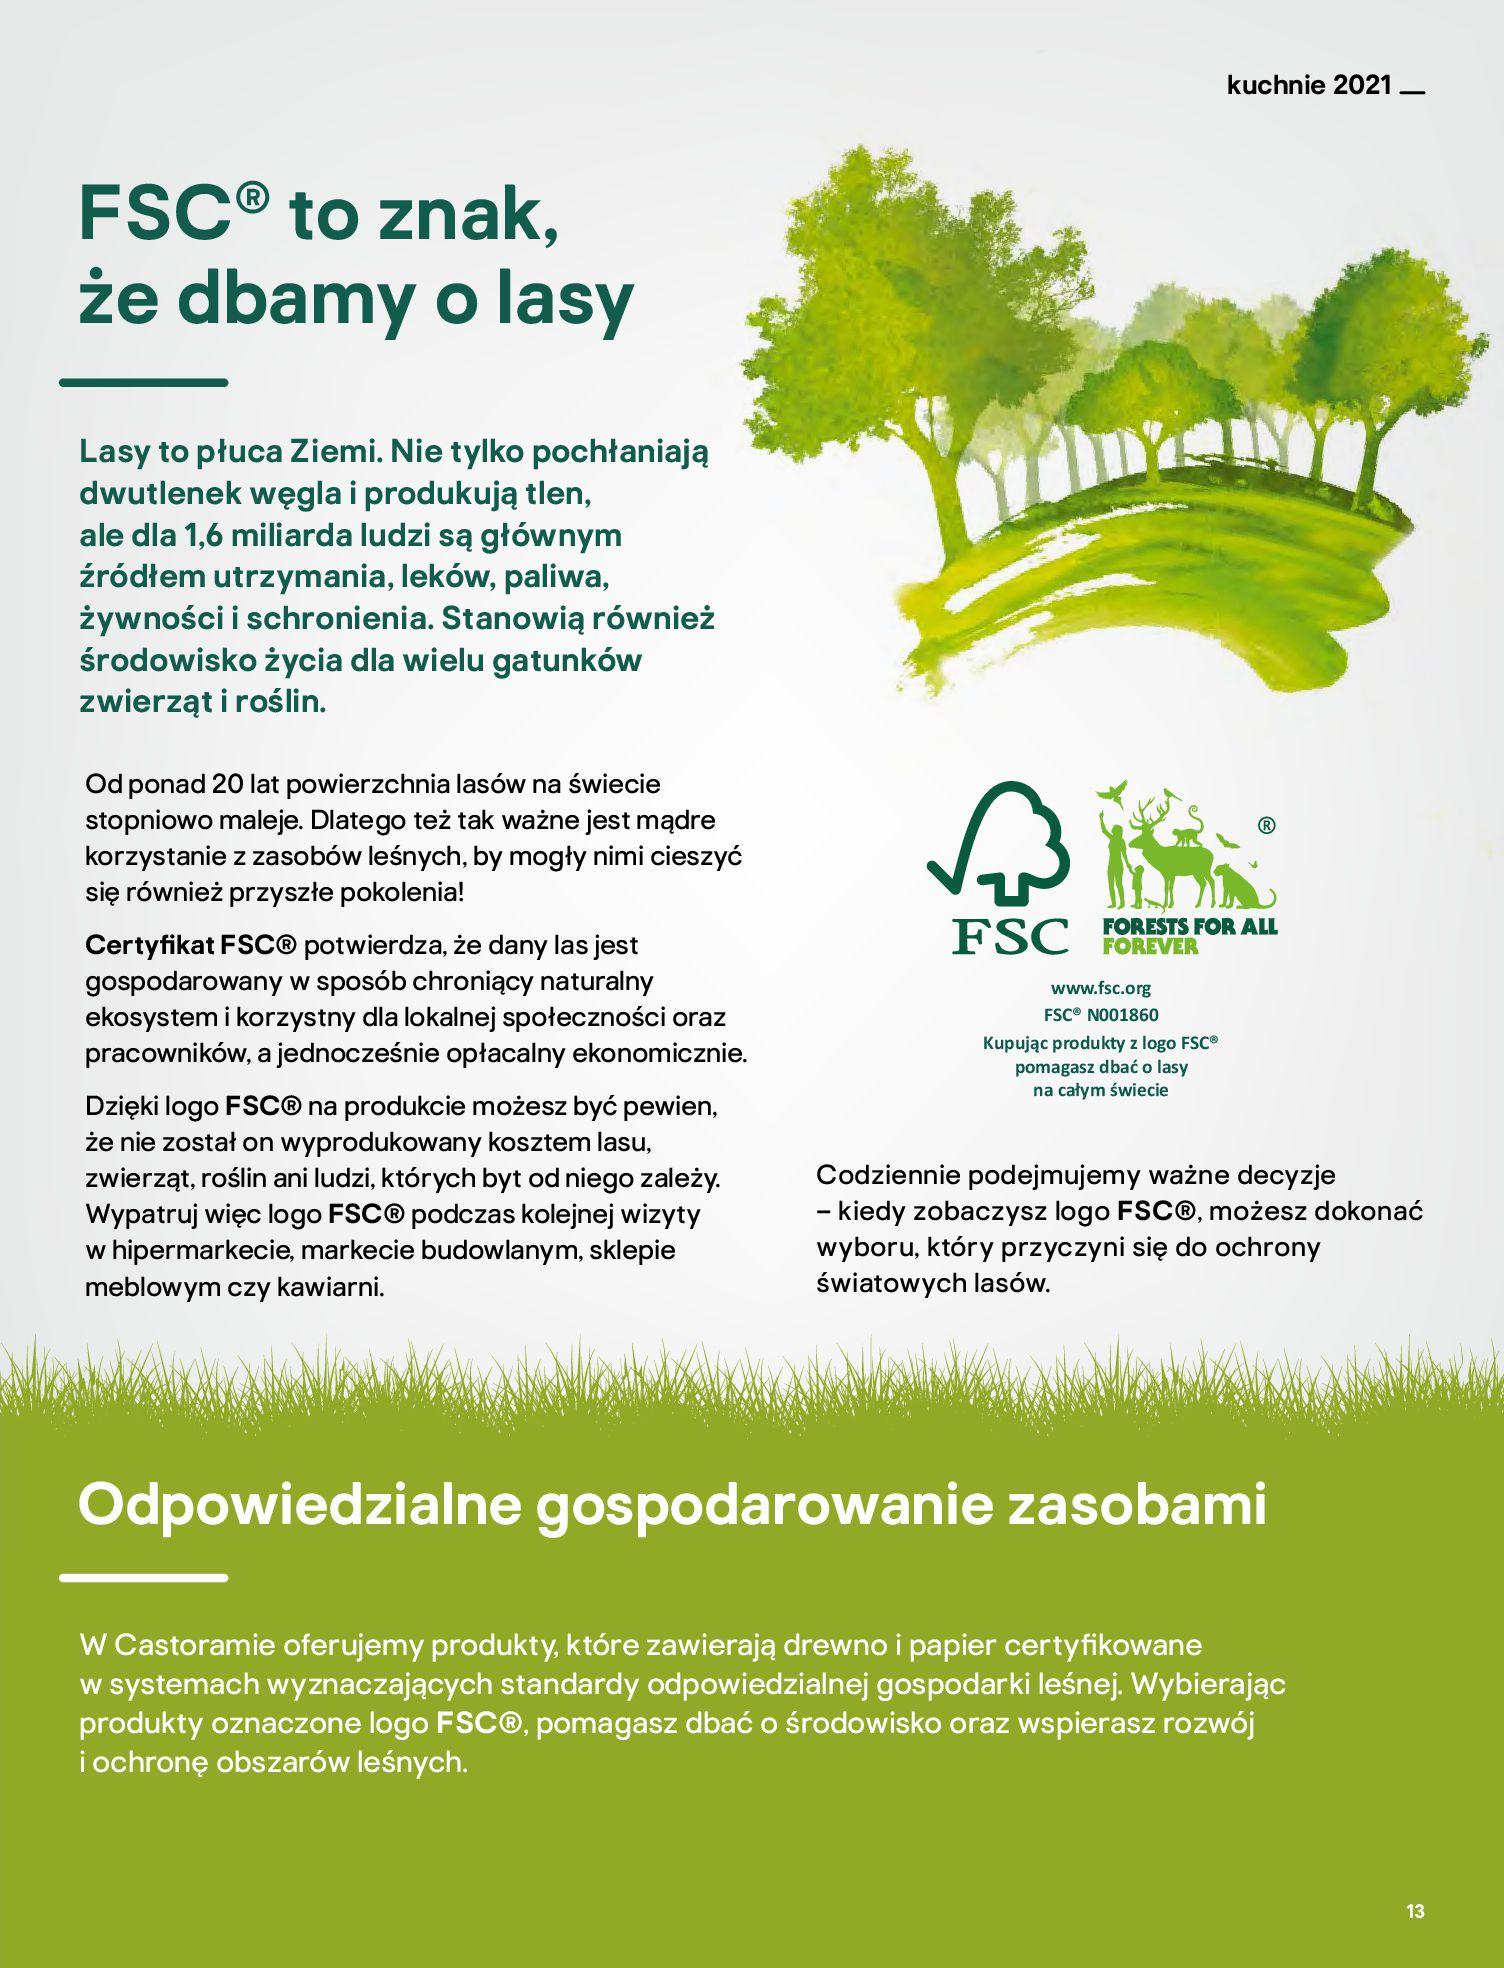 Gazetka Castorama: Katalog kuchnie 2021 2021-05-04 page-13